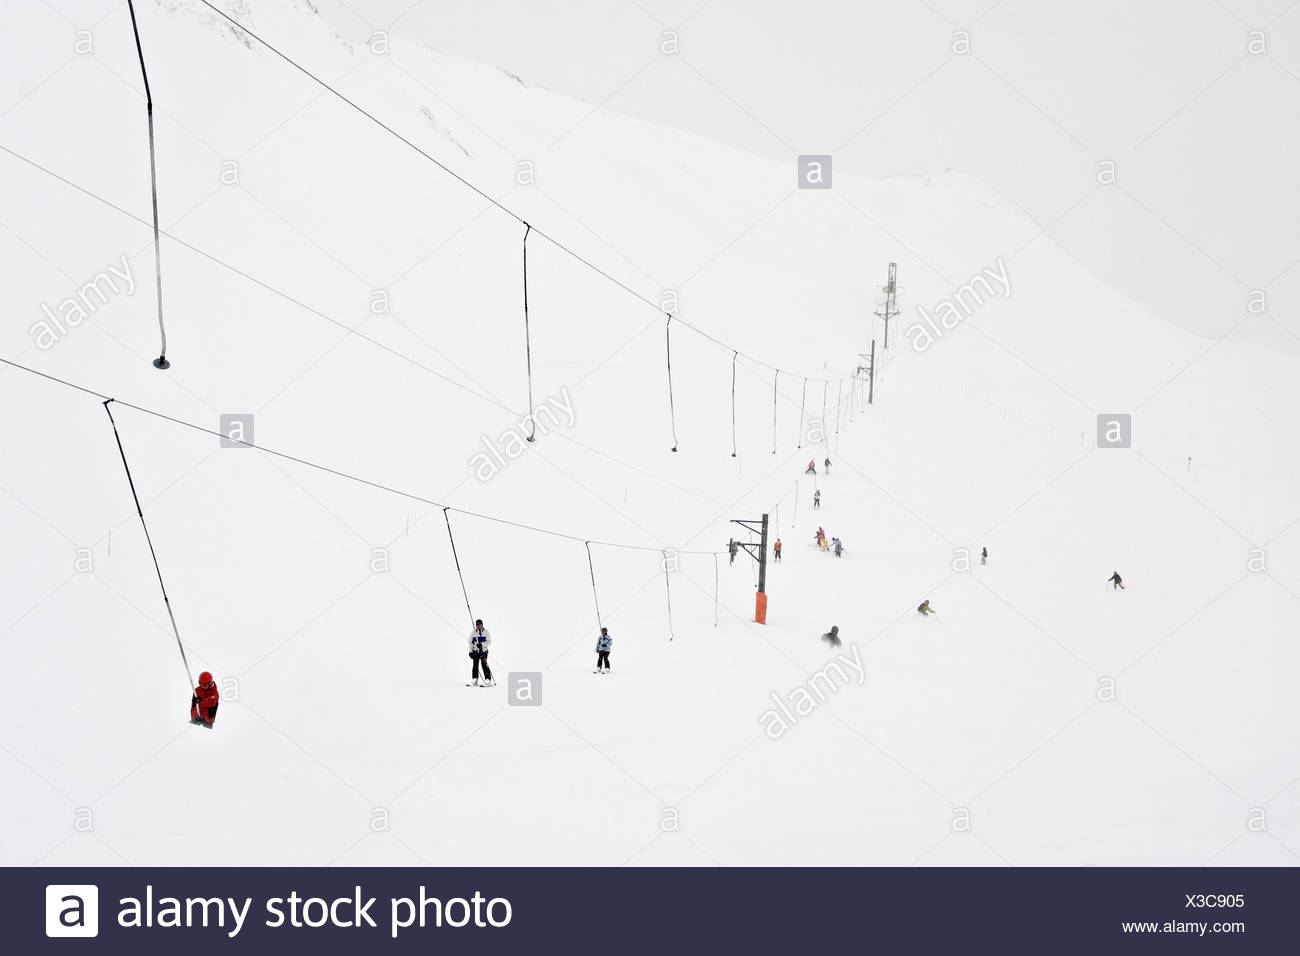 Groupe de personnes skiingan alpes Suisse Banque D'Images